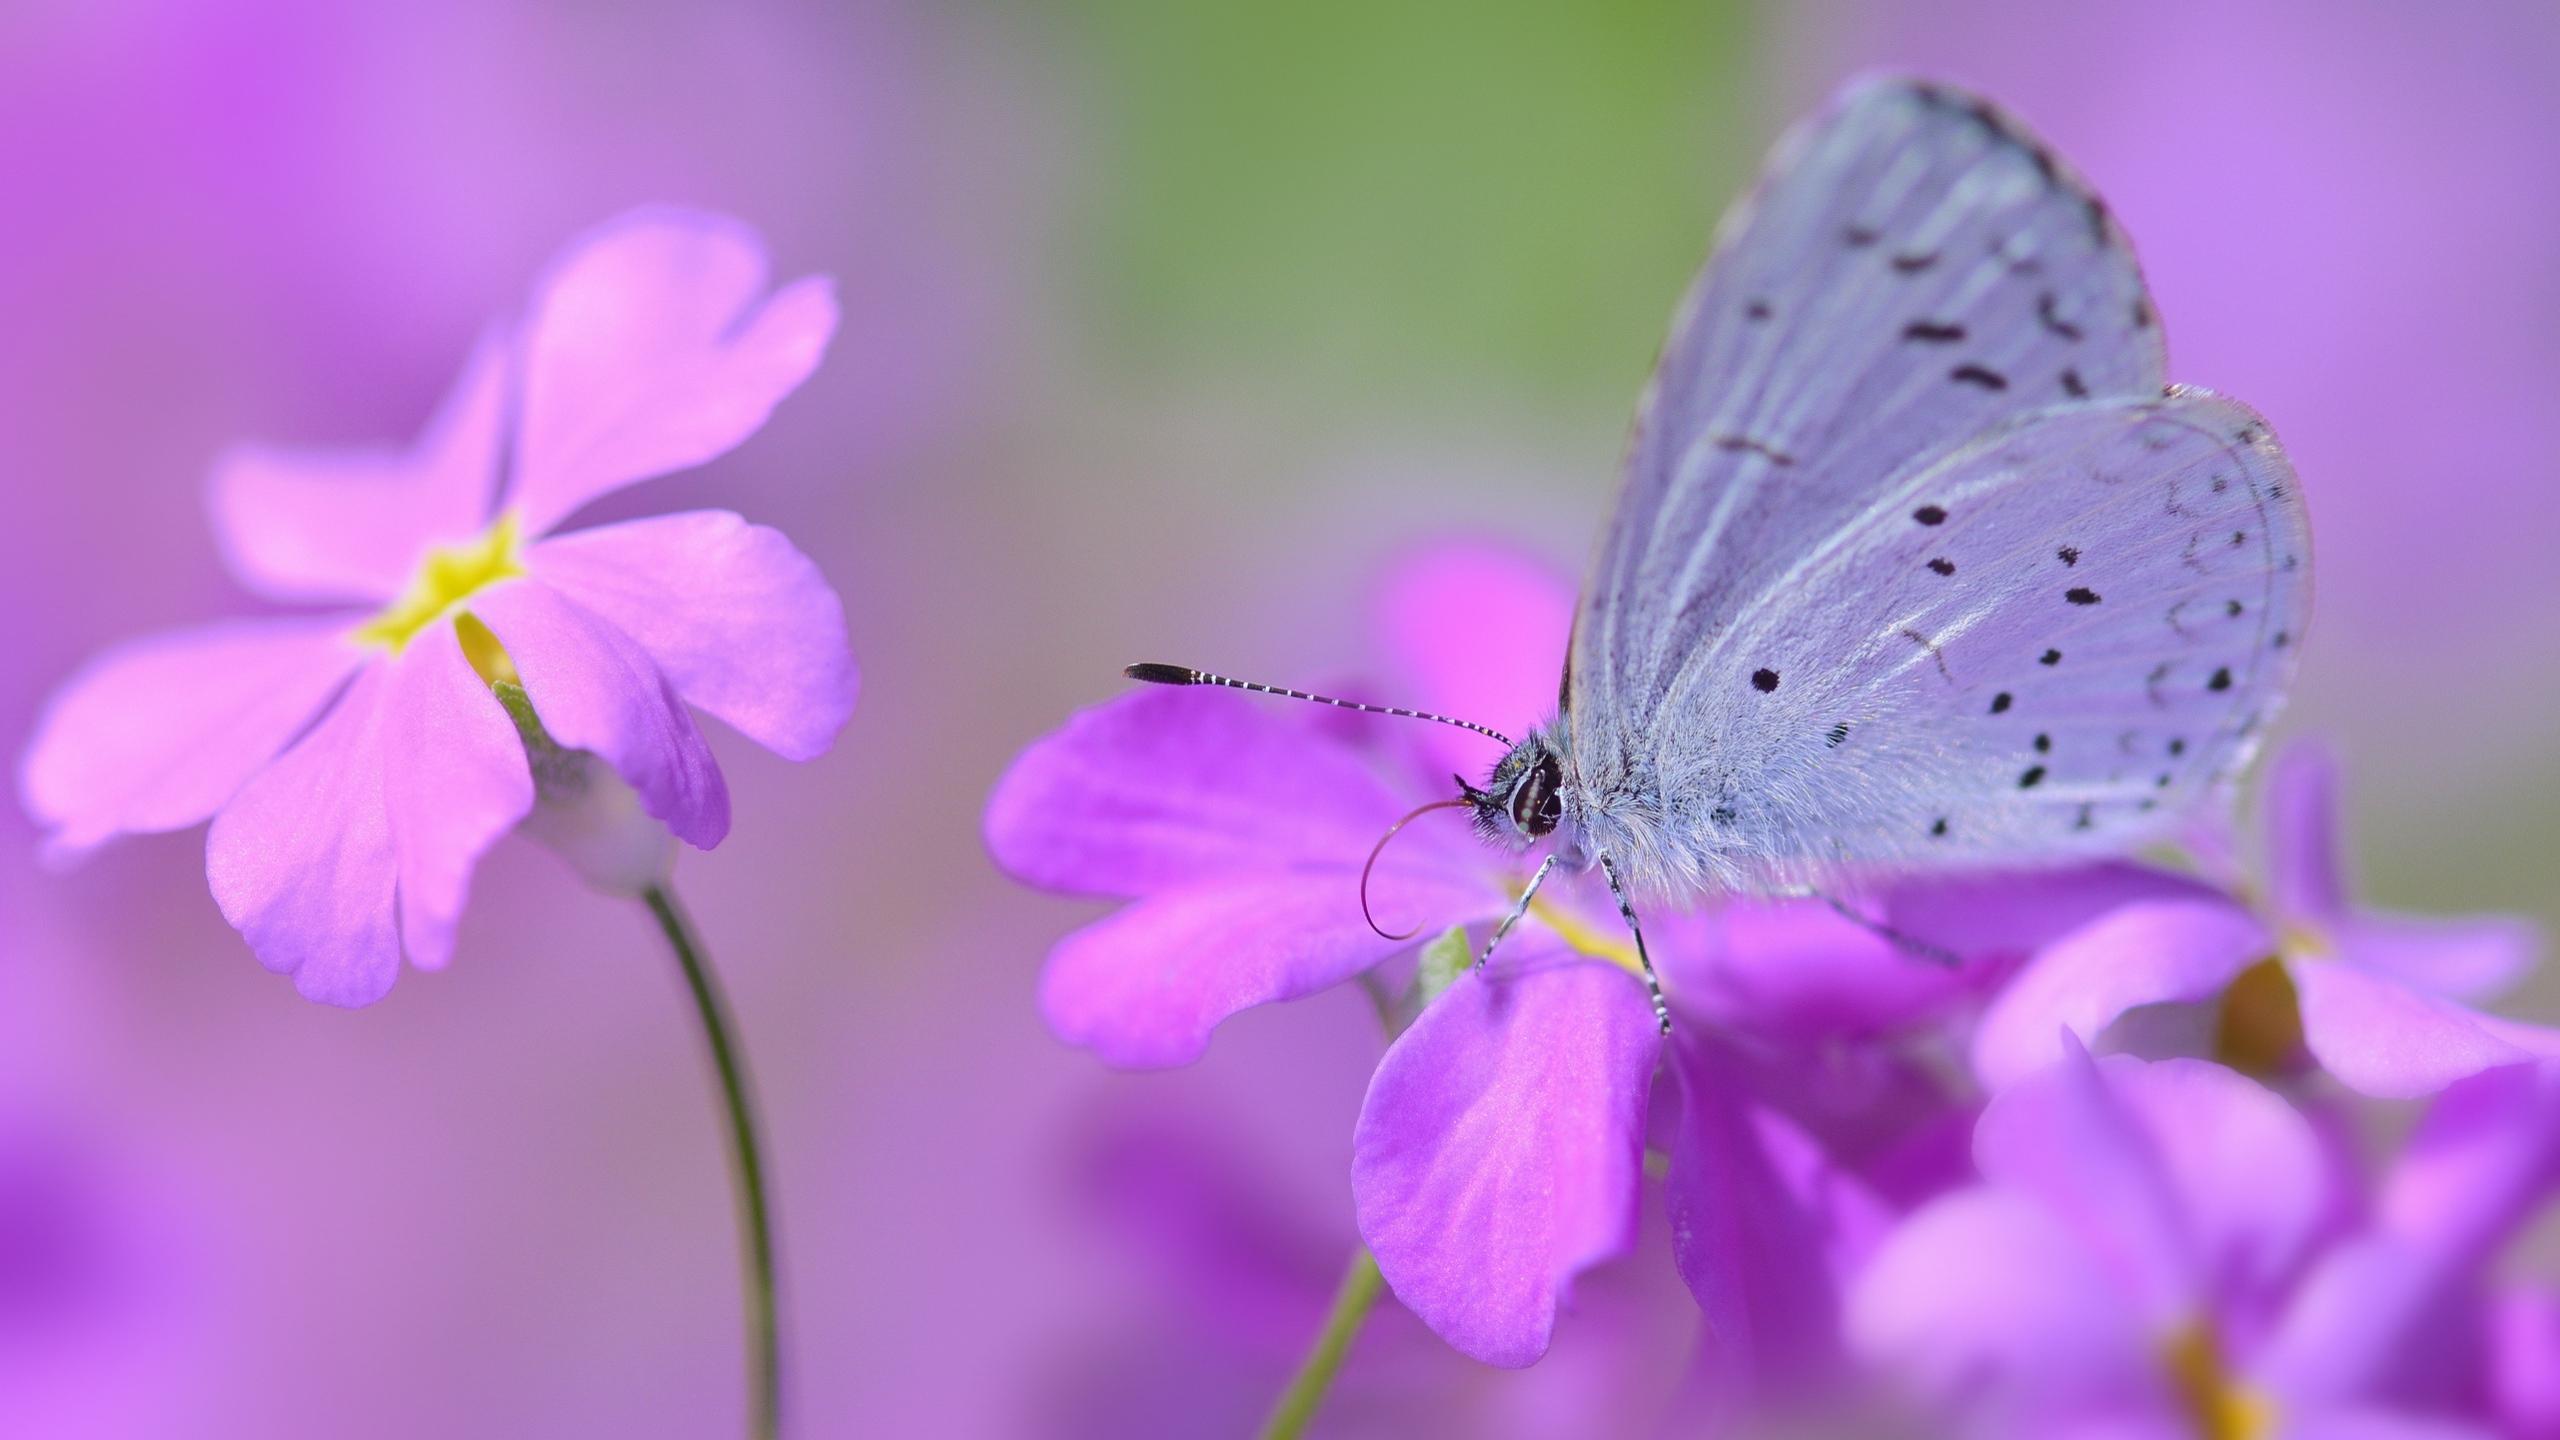 Papillon fond d 39 cran hd arri re plan 2560x1440 id 777140 wallpaper abyss - Image fleur violette gratuite ...